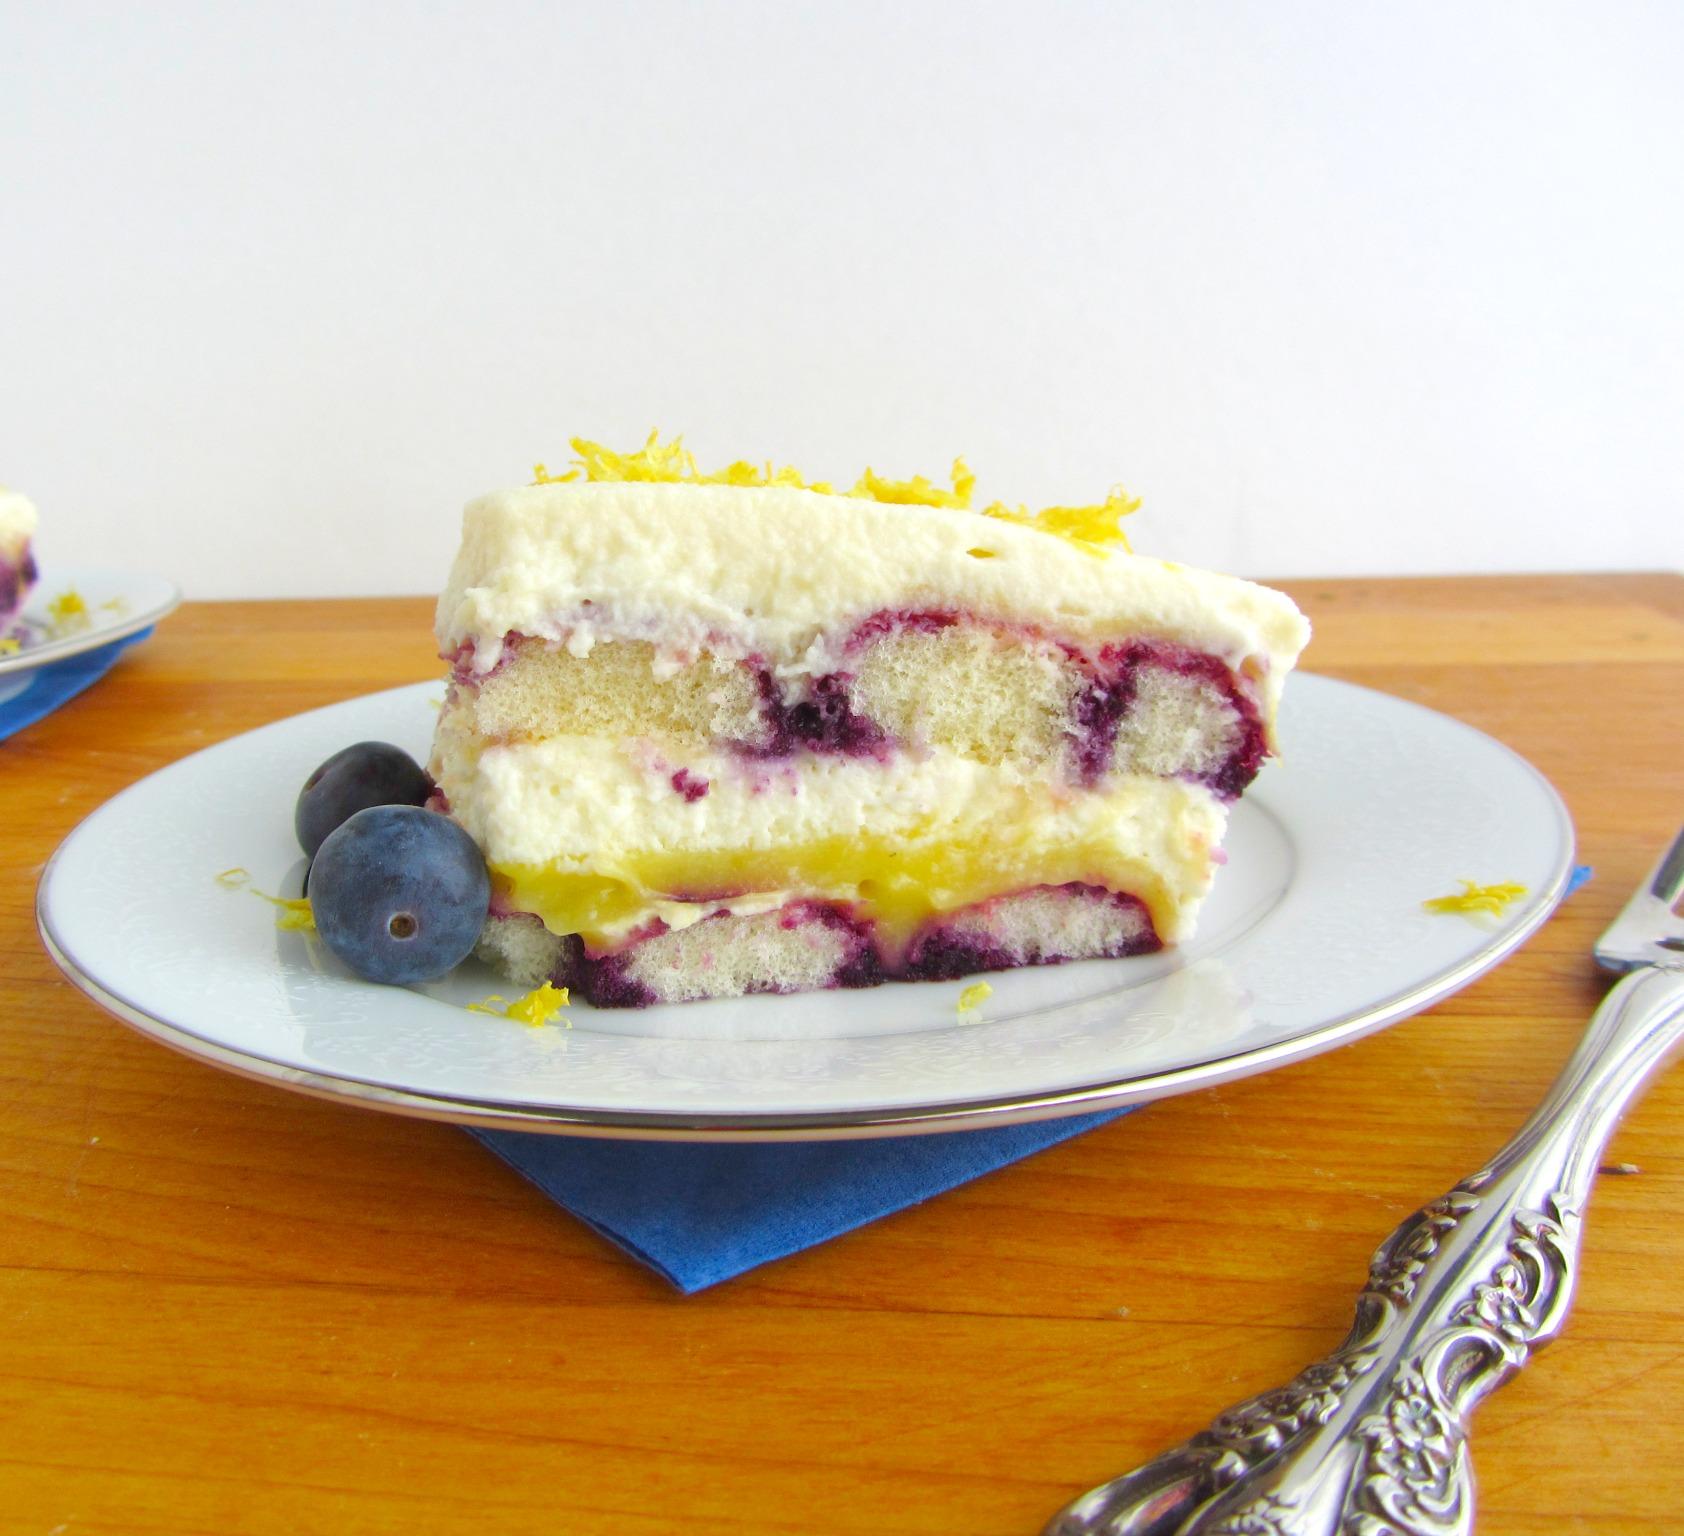 Lemon Blueberry Tiramisu